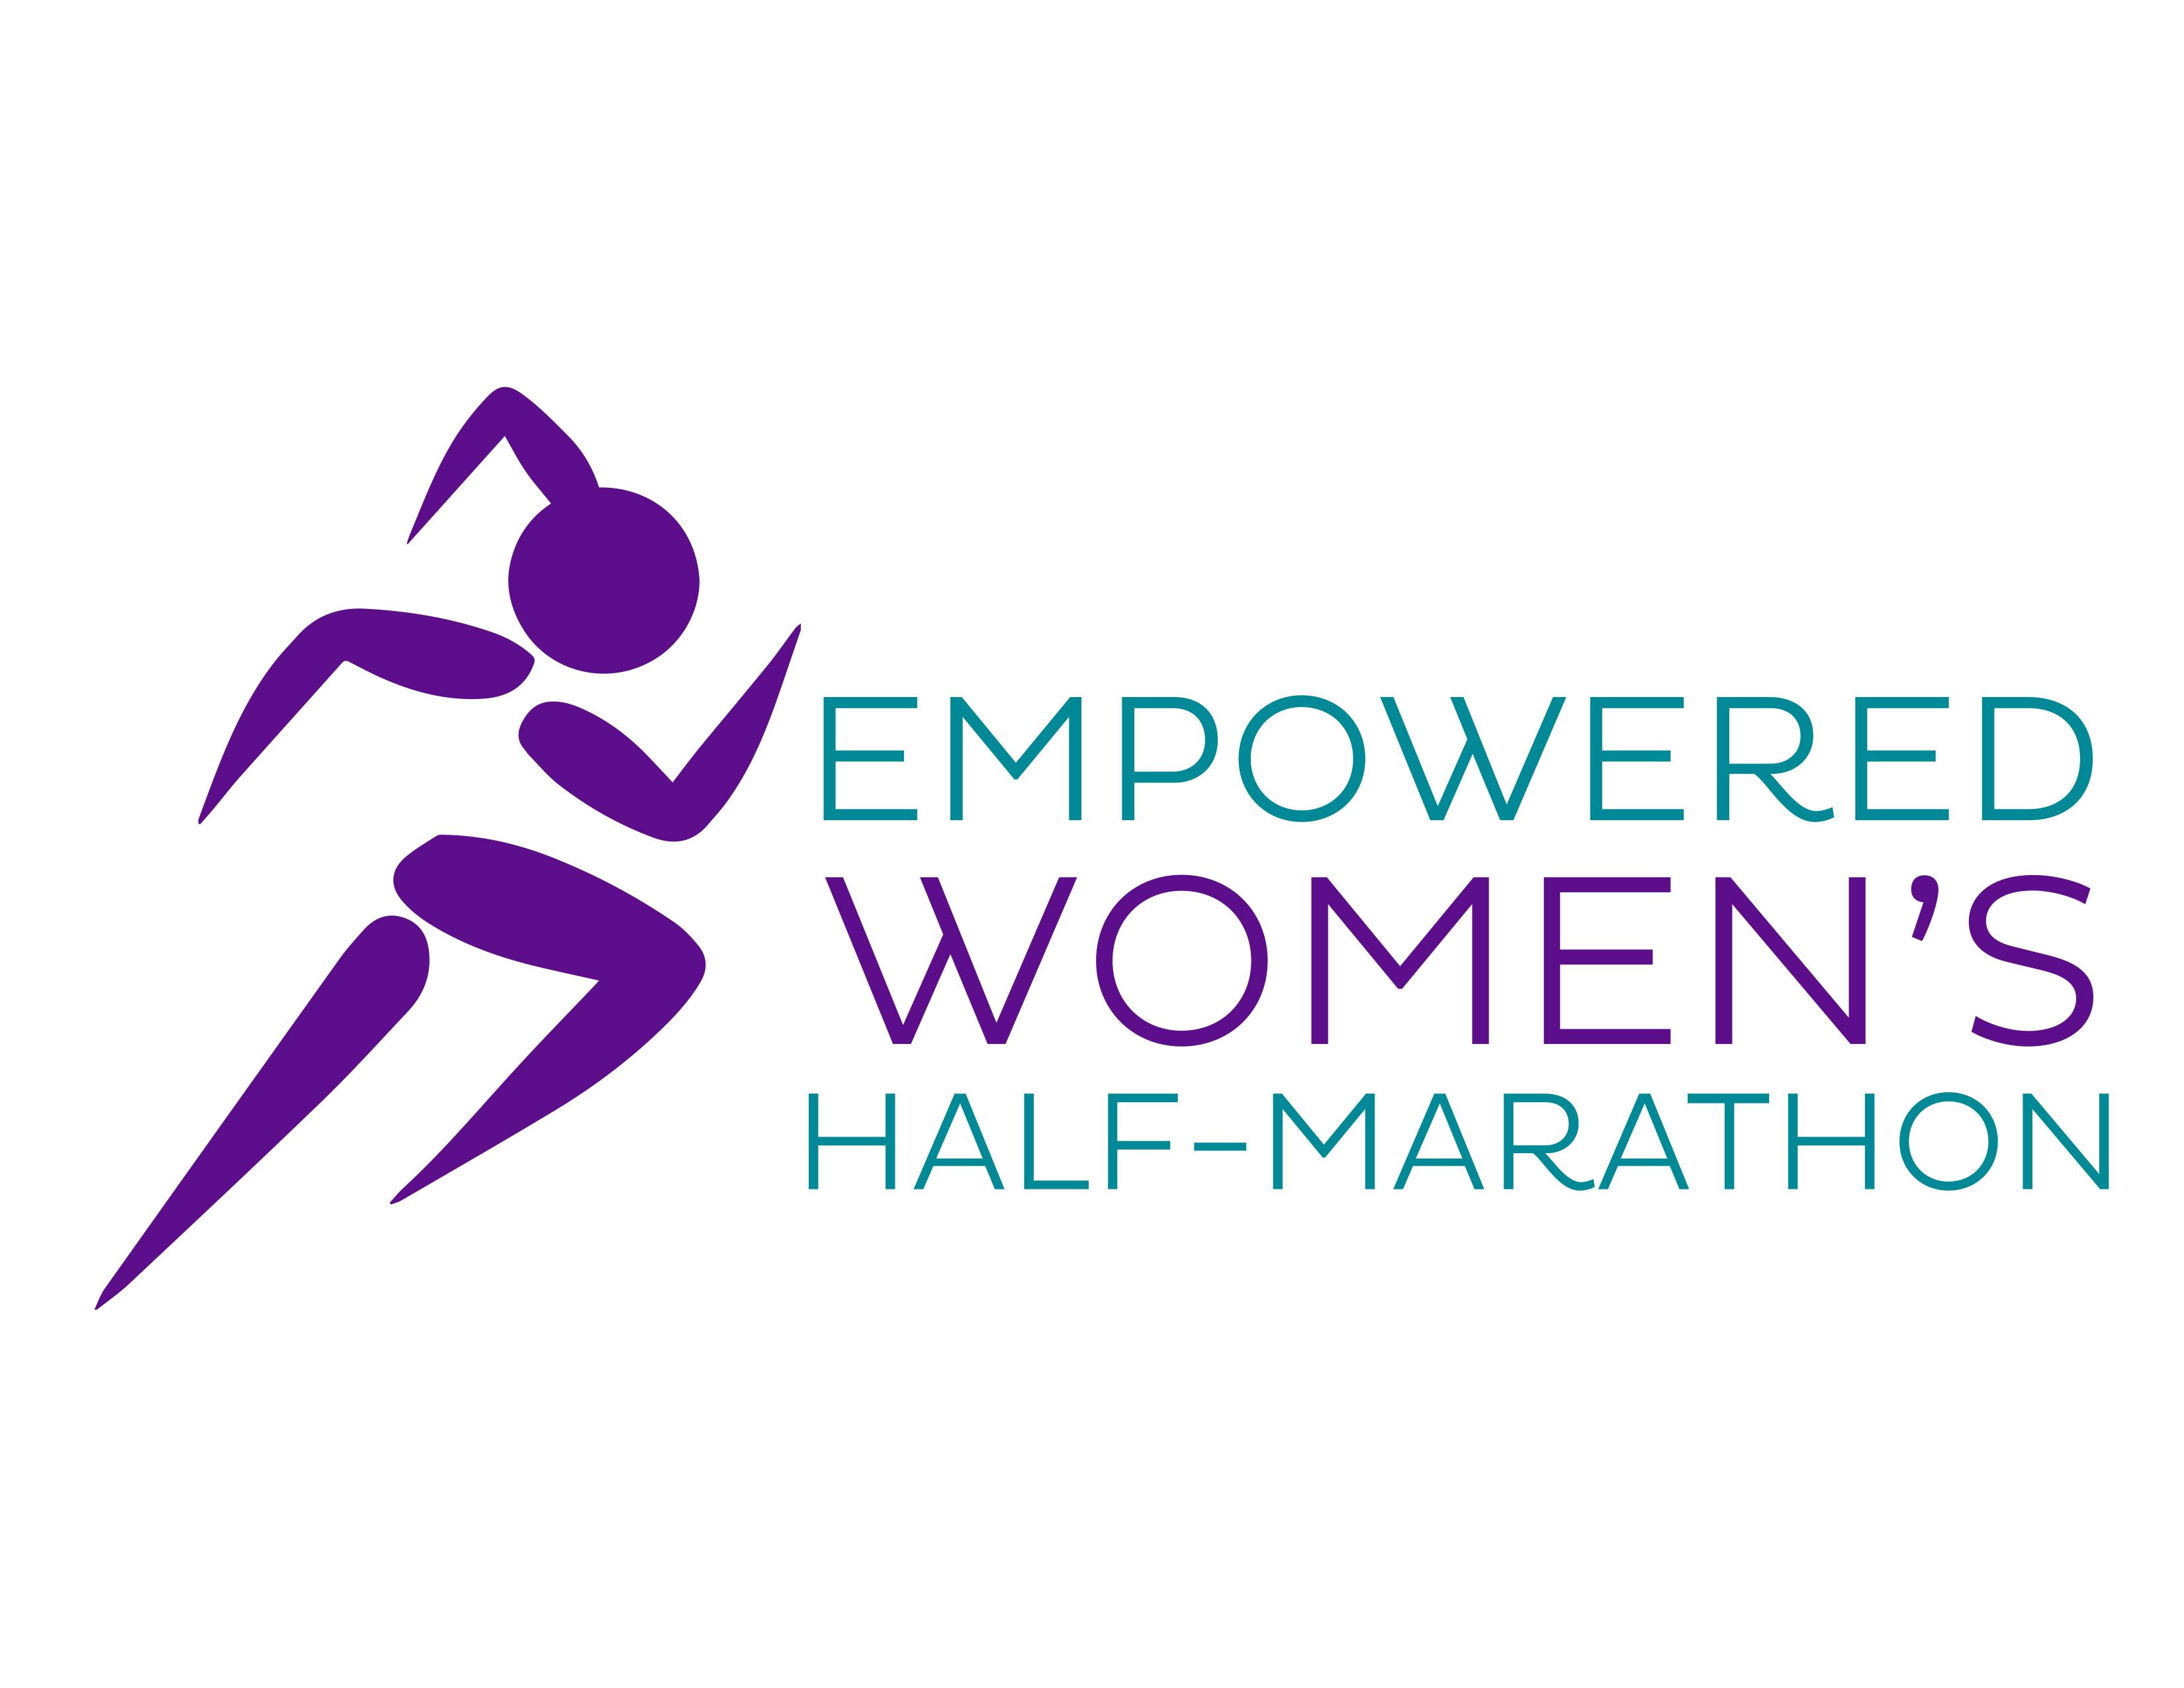 Empowered Women's Half-Marathhon